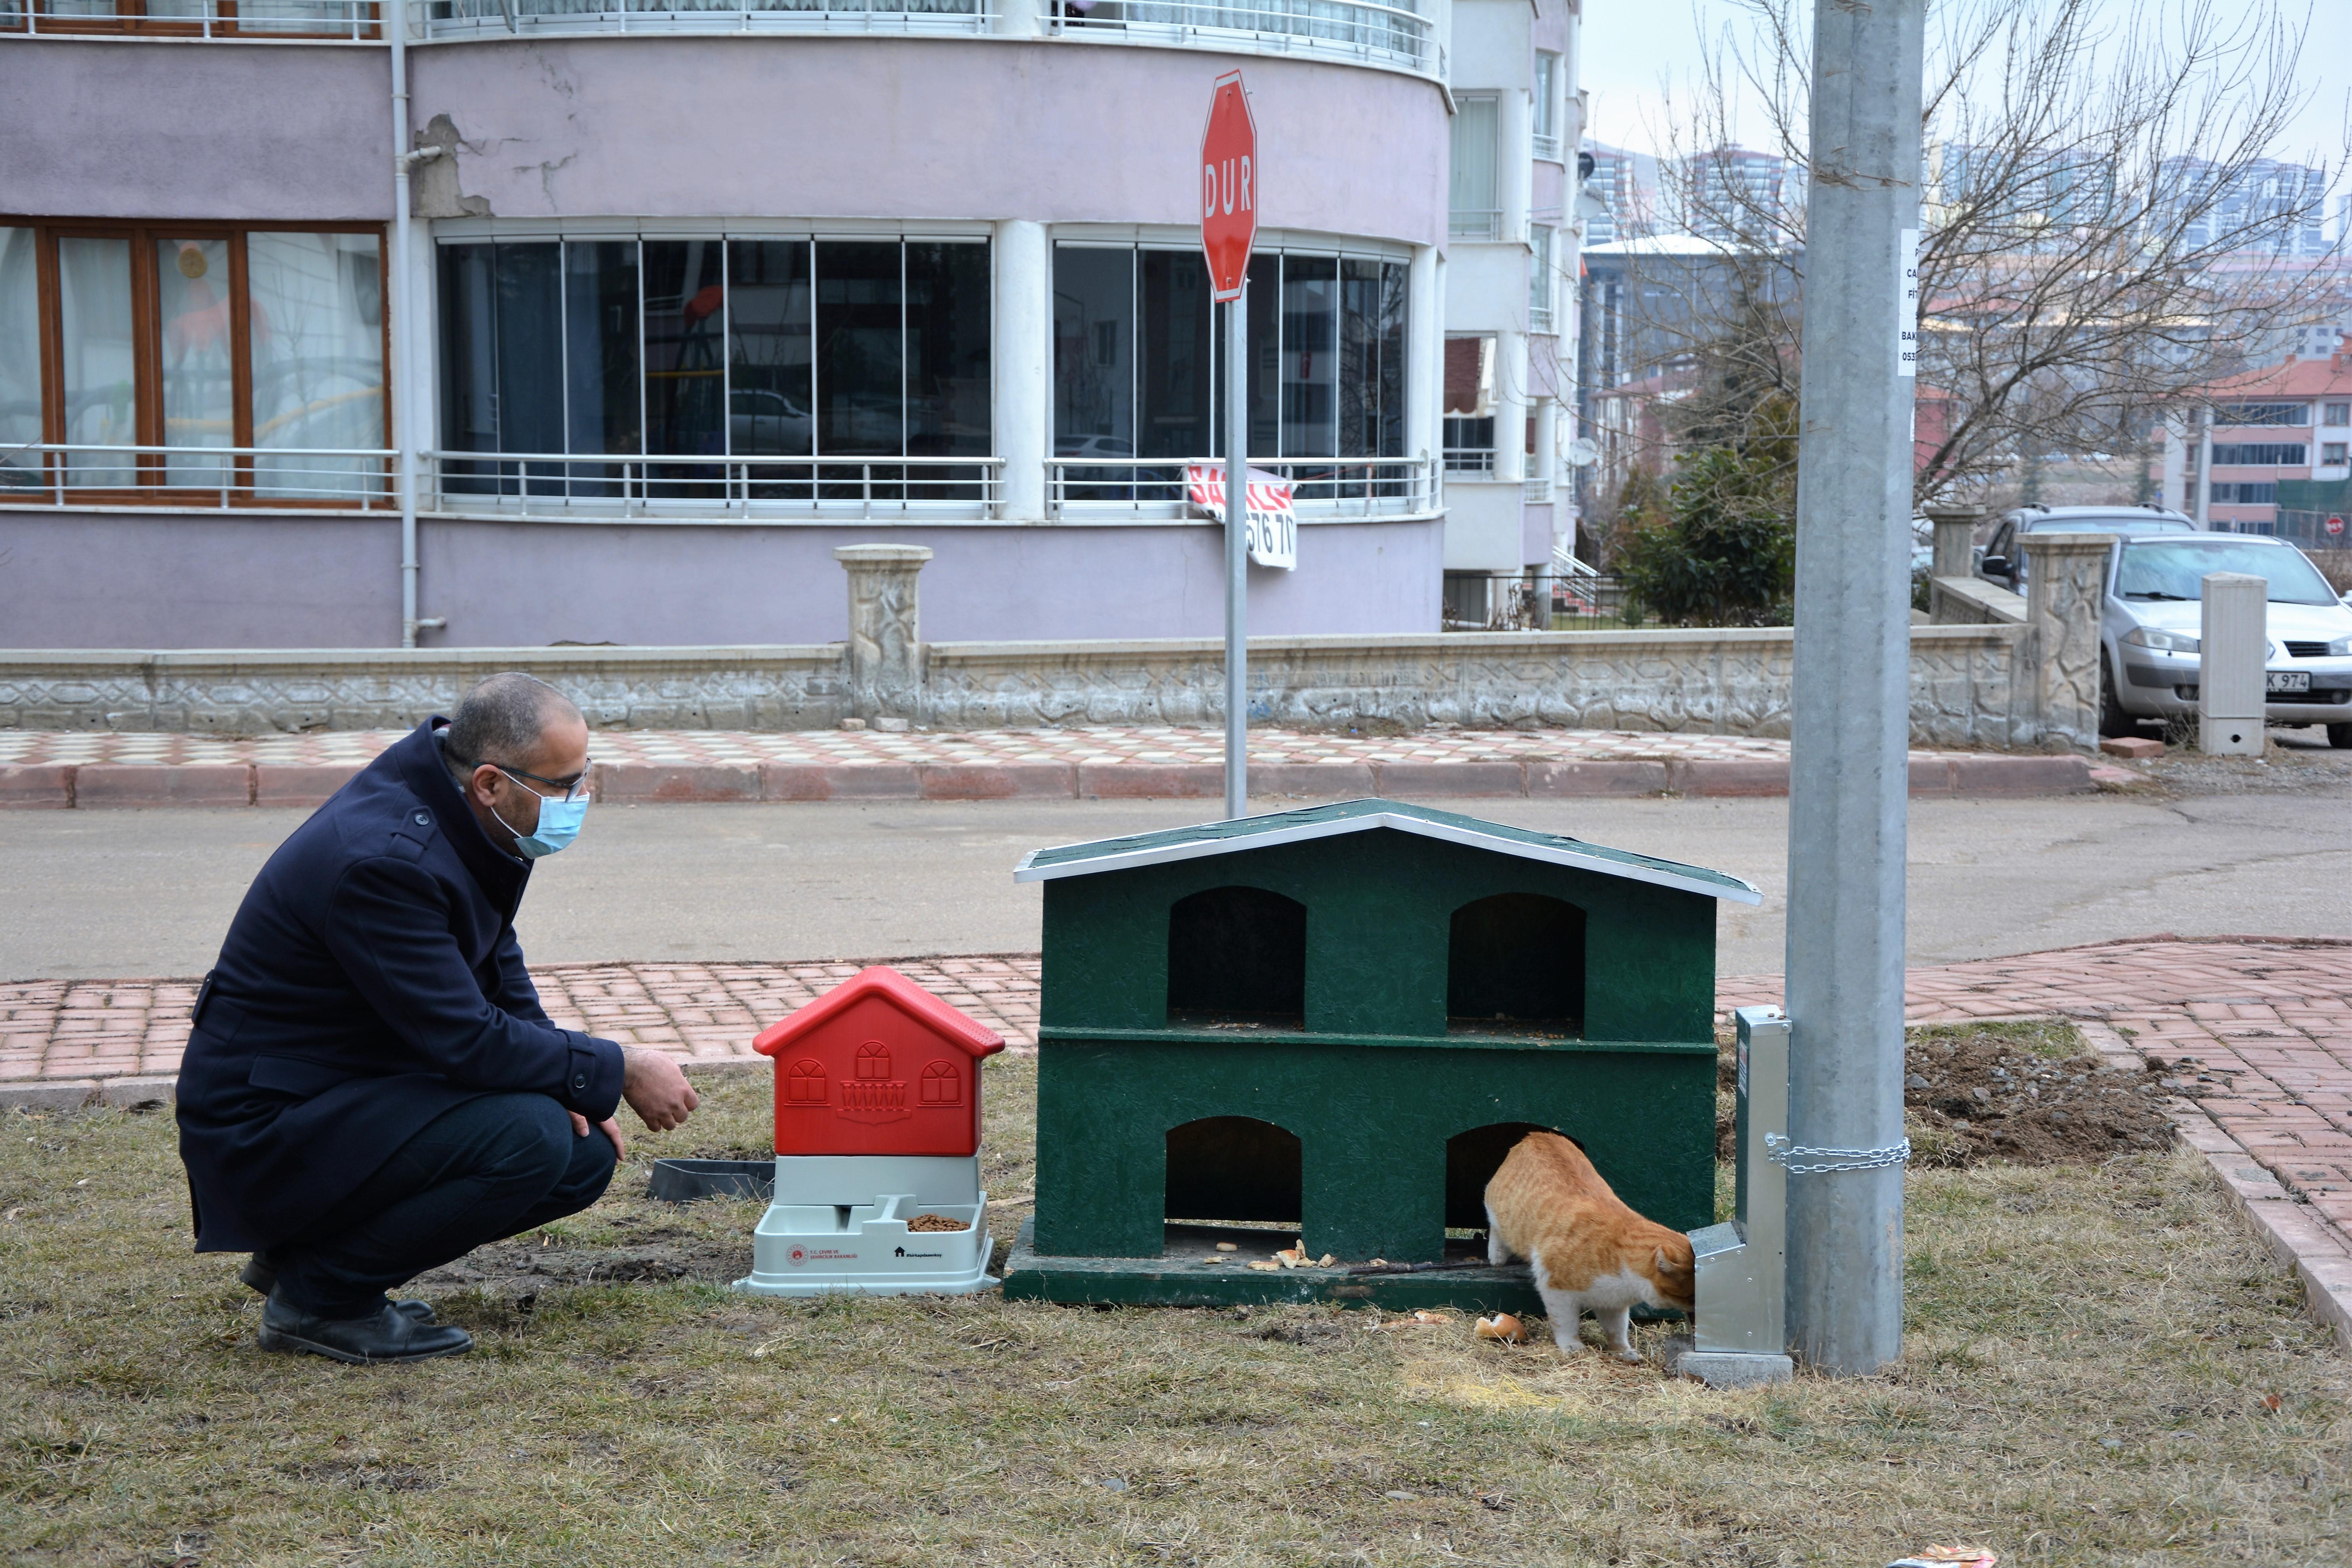 İlimizdeki Muhtelif Parklara Sokak Hayvanları için Mama ve Su Kapları Bırakıldı.